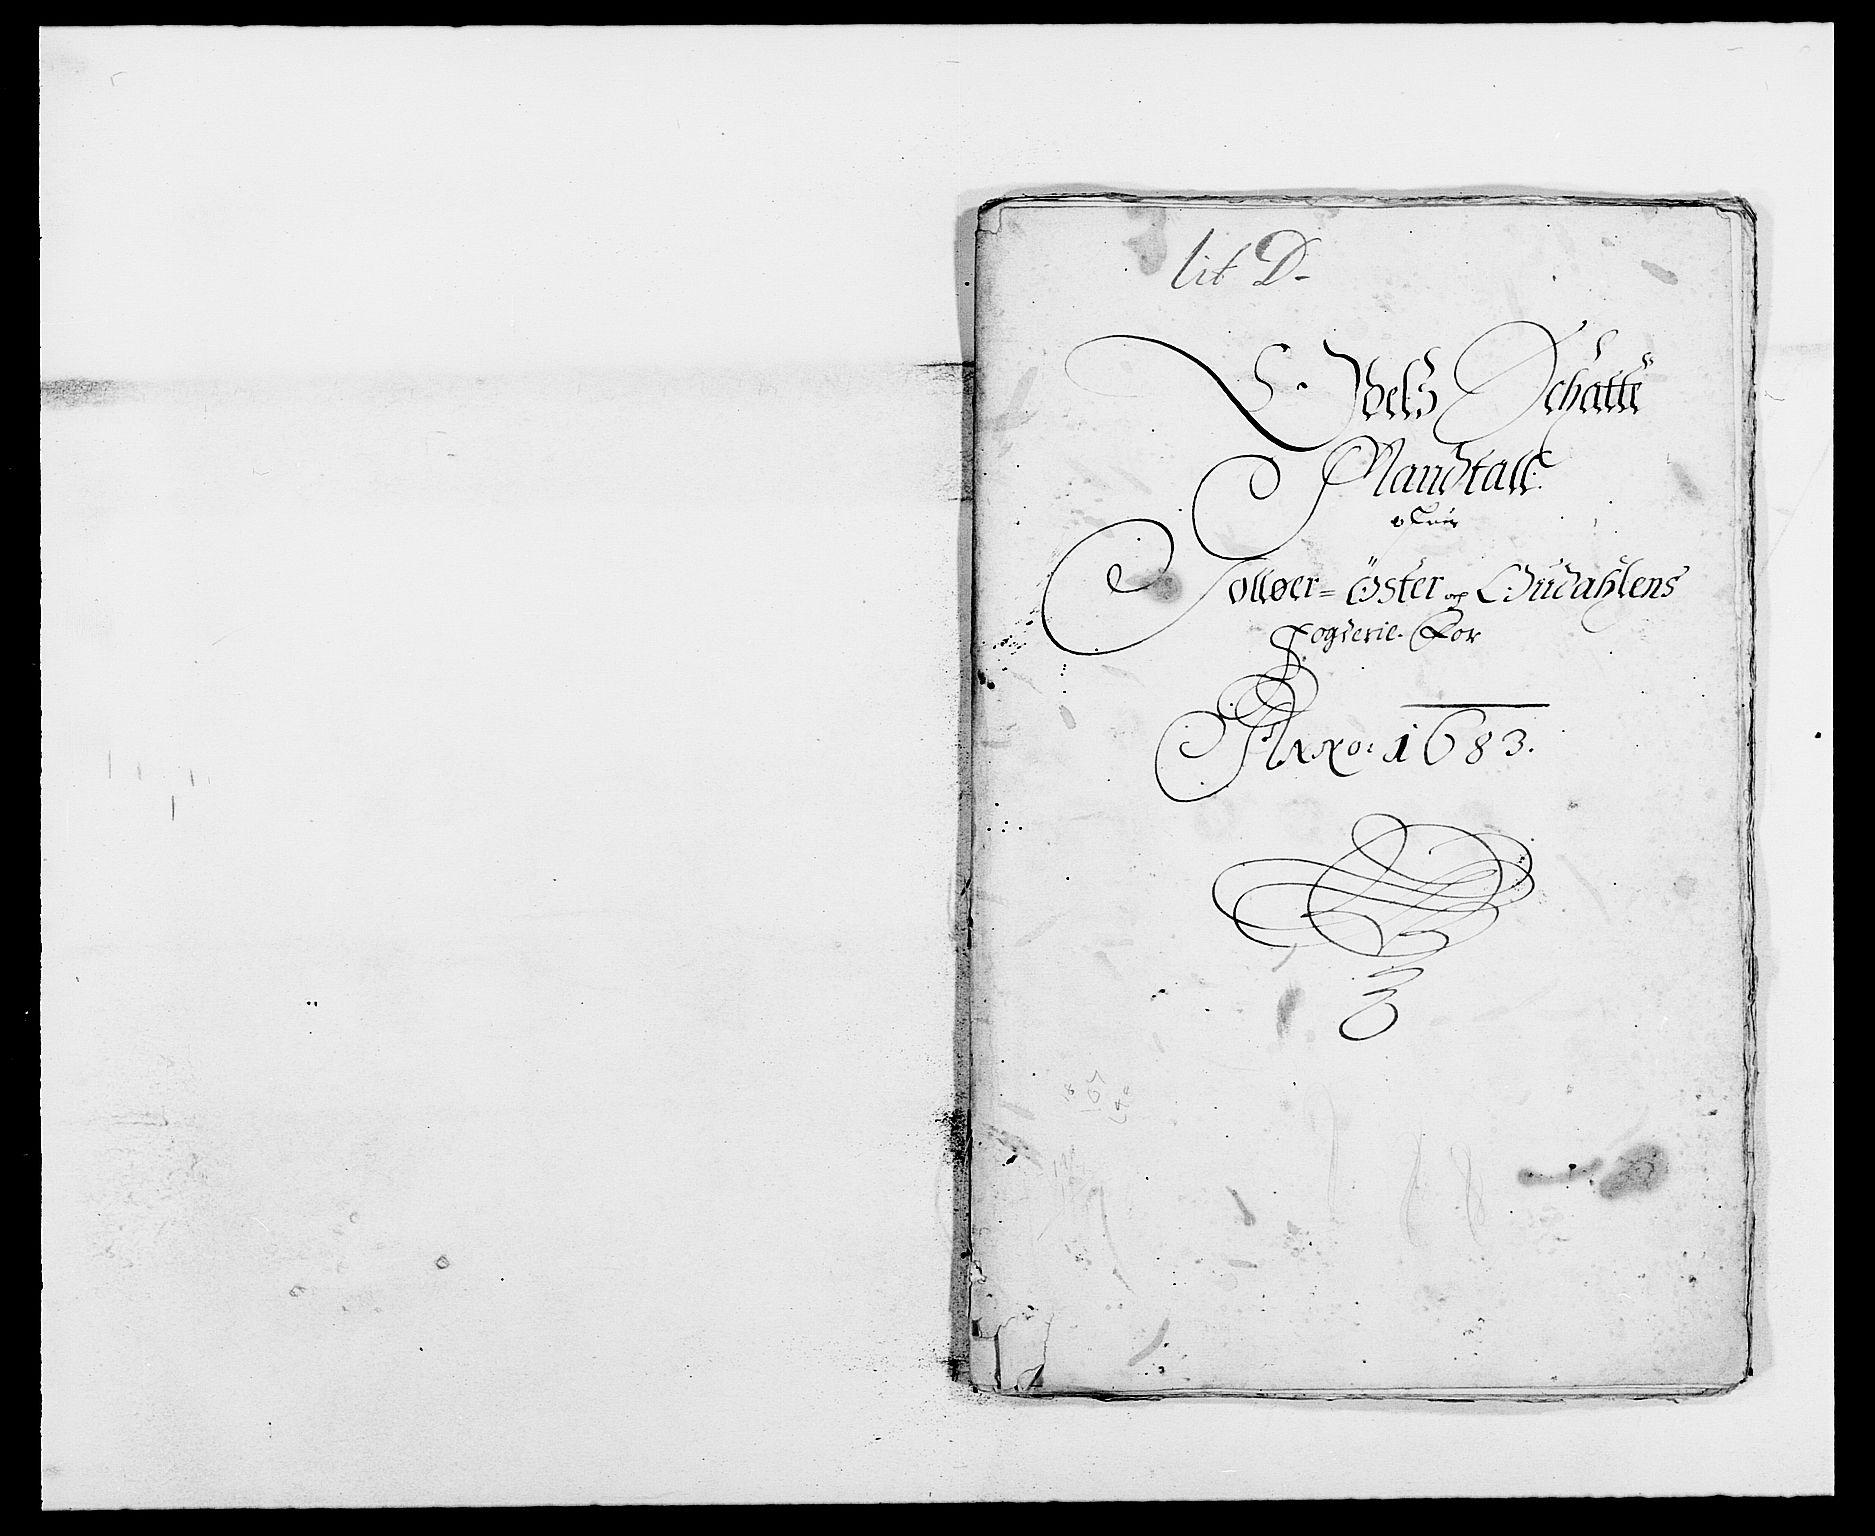 RA, Rentekammeret inntil 1814, Reviderte regnskaper, Fogderegnskap, R13/L0820: Fogderegnskap Solør, Odal og Østerdal, 1683, s. 178